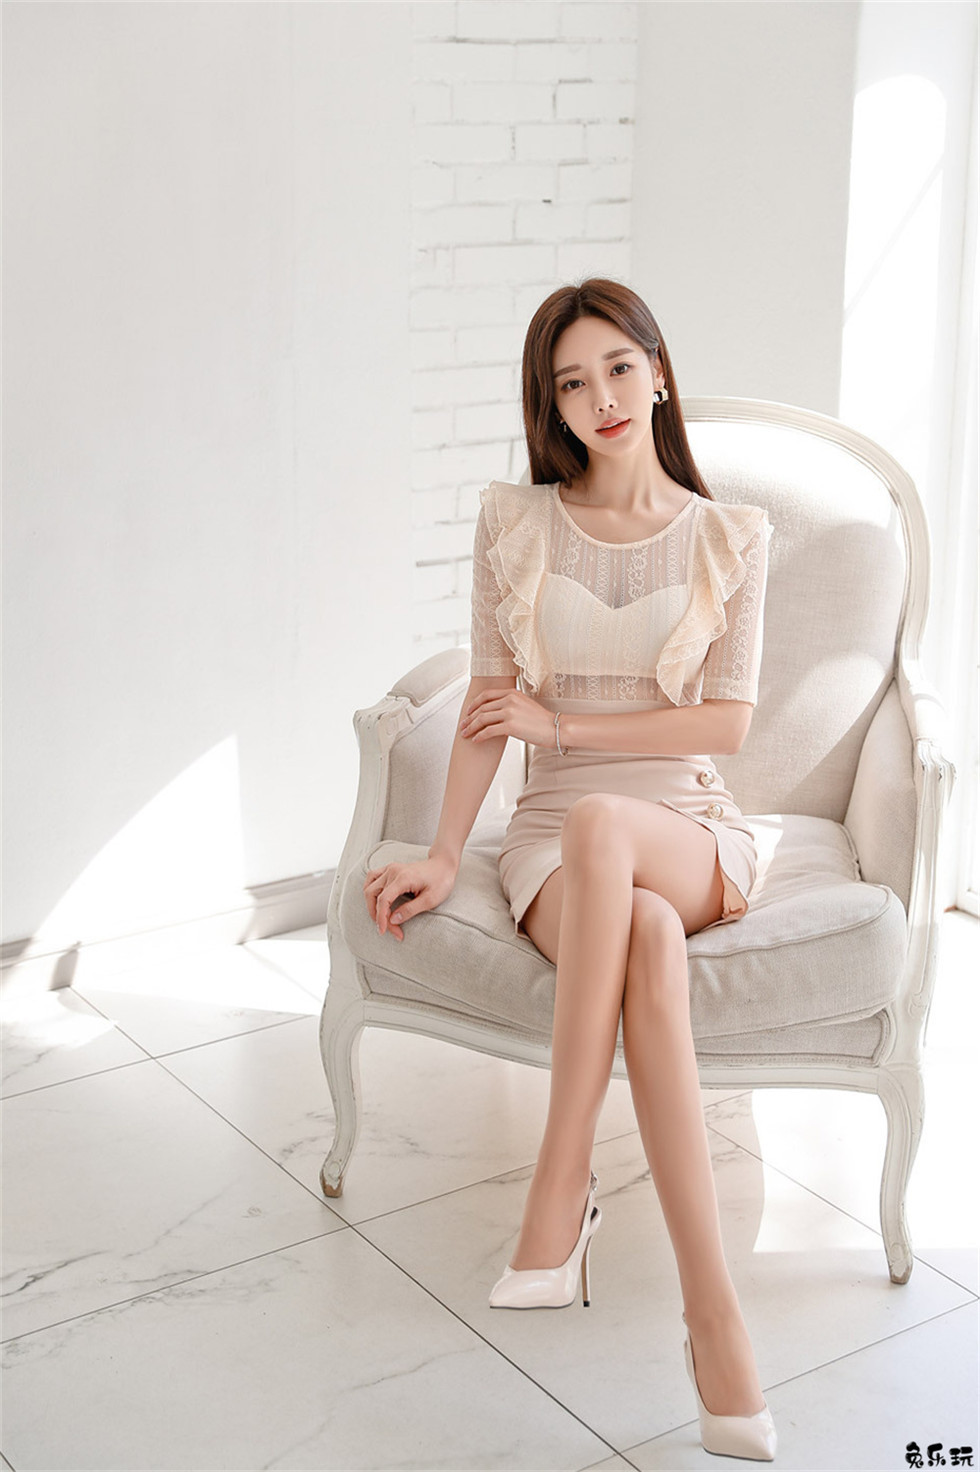 孙允珠:双叶束扣镀金藤蔓螺旋包臀裙